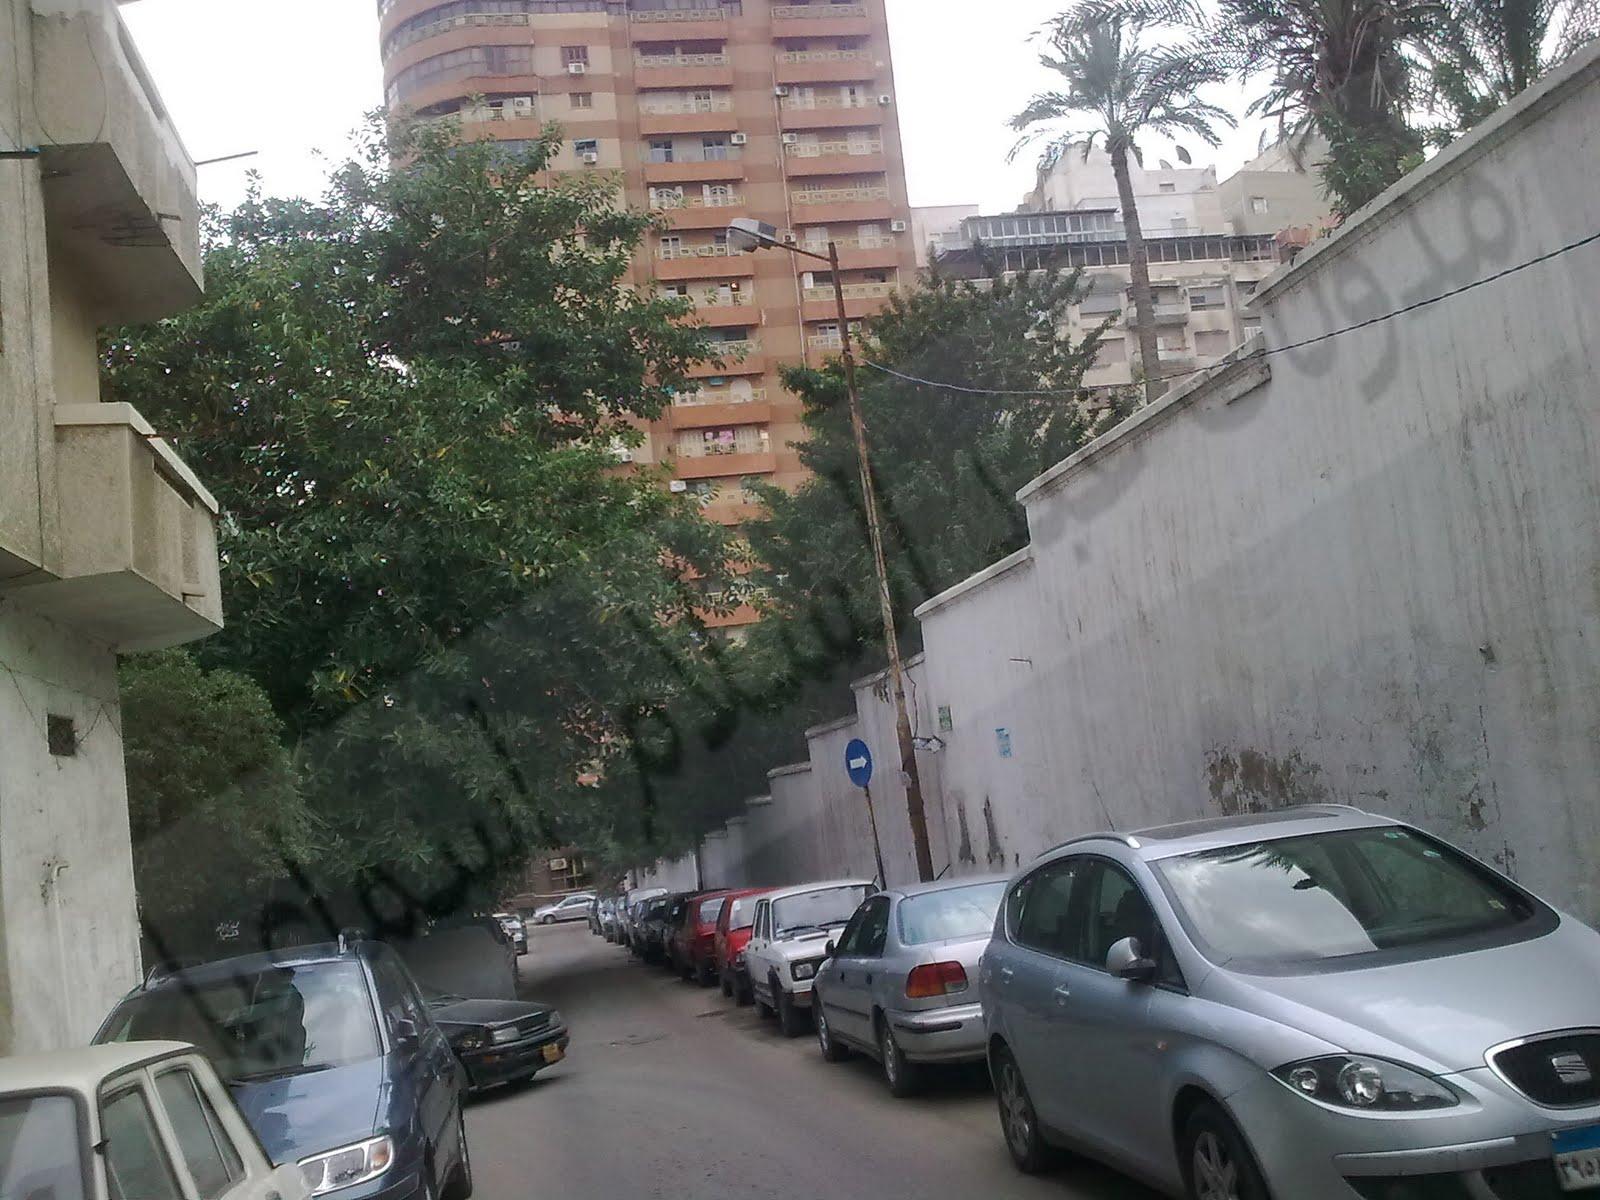 be637704f مدونات عبد السلام إسماعيل (33): معالم الإسكندرية: لقطات لشوارع شرق ...